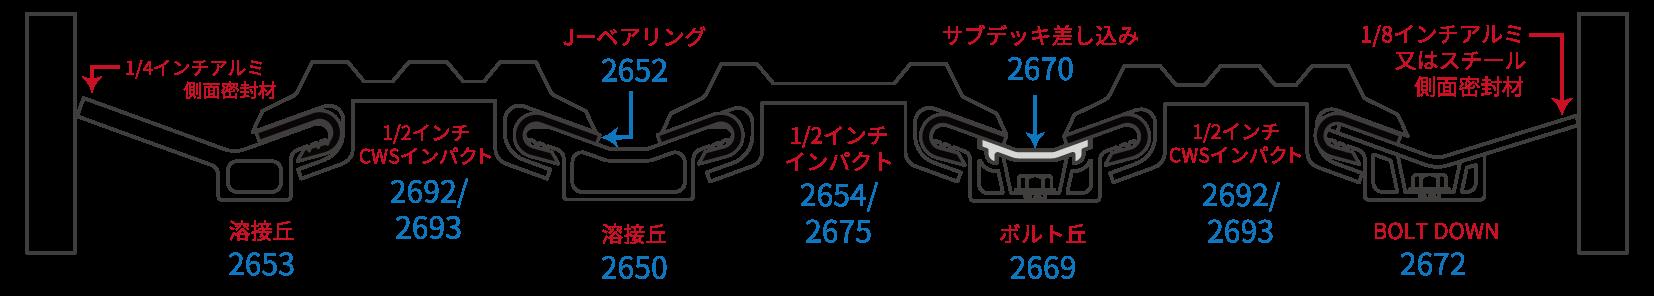 V-18シリーズ